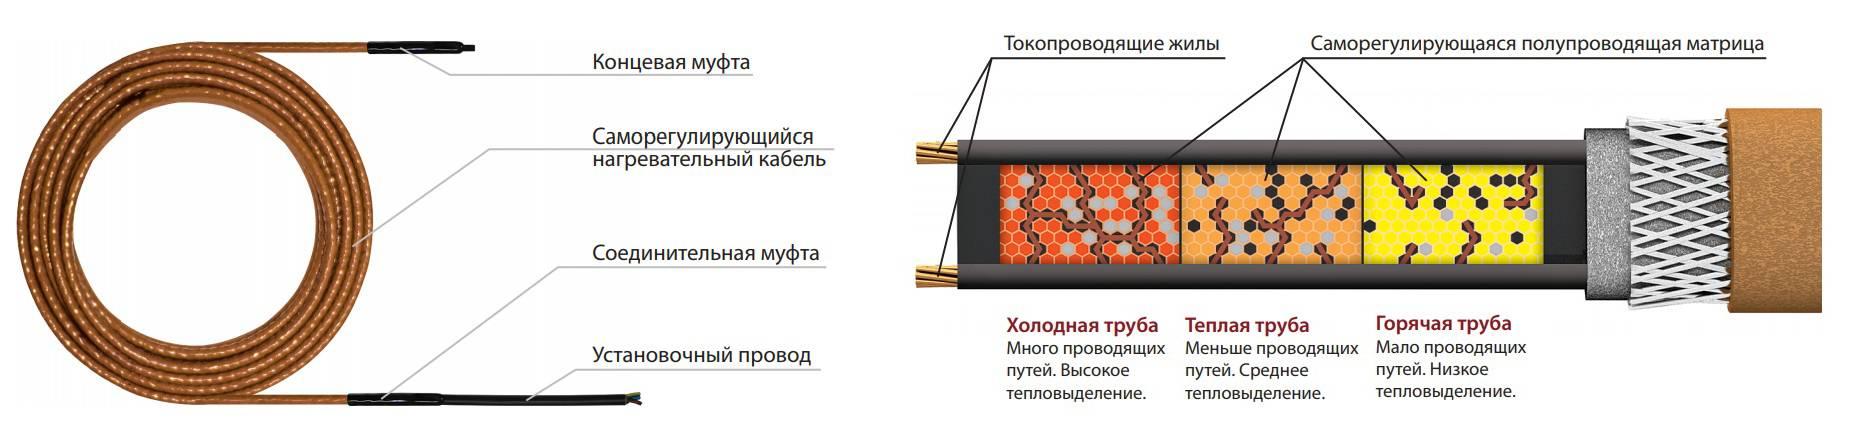 Водяной или электрический теплый пол — какой лучше выбрать